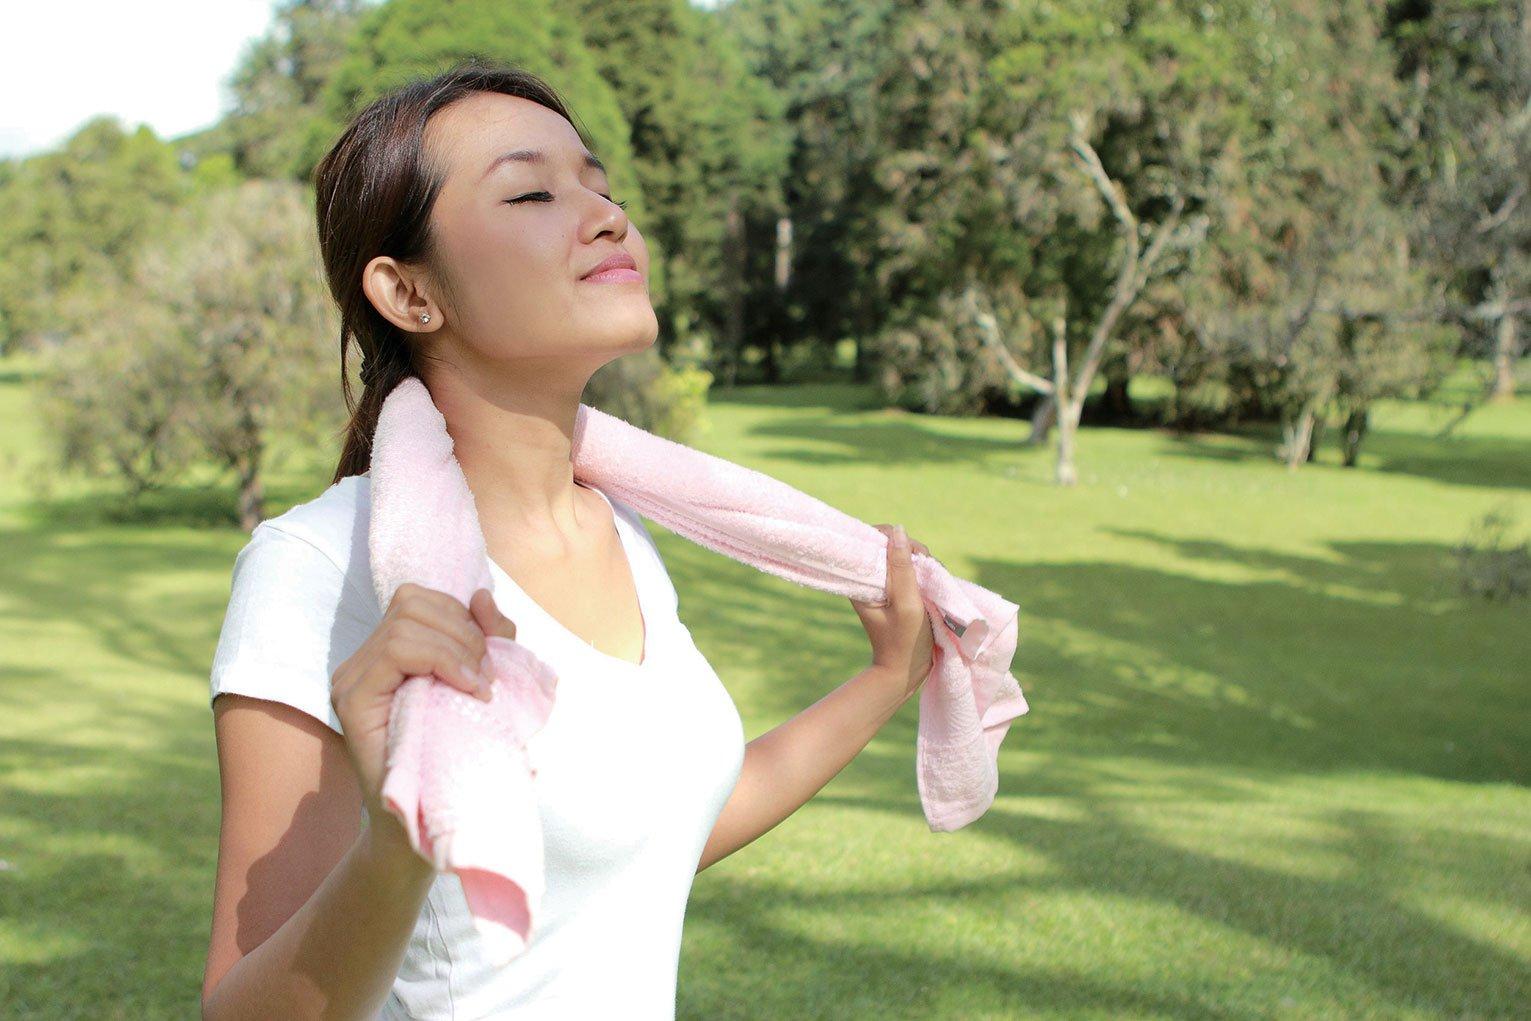 腹式呼吸可以讓身體釋放輕鬆荷爾蒙,紓解壓力。(Shutterstock)